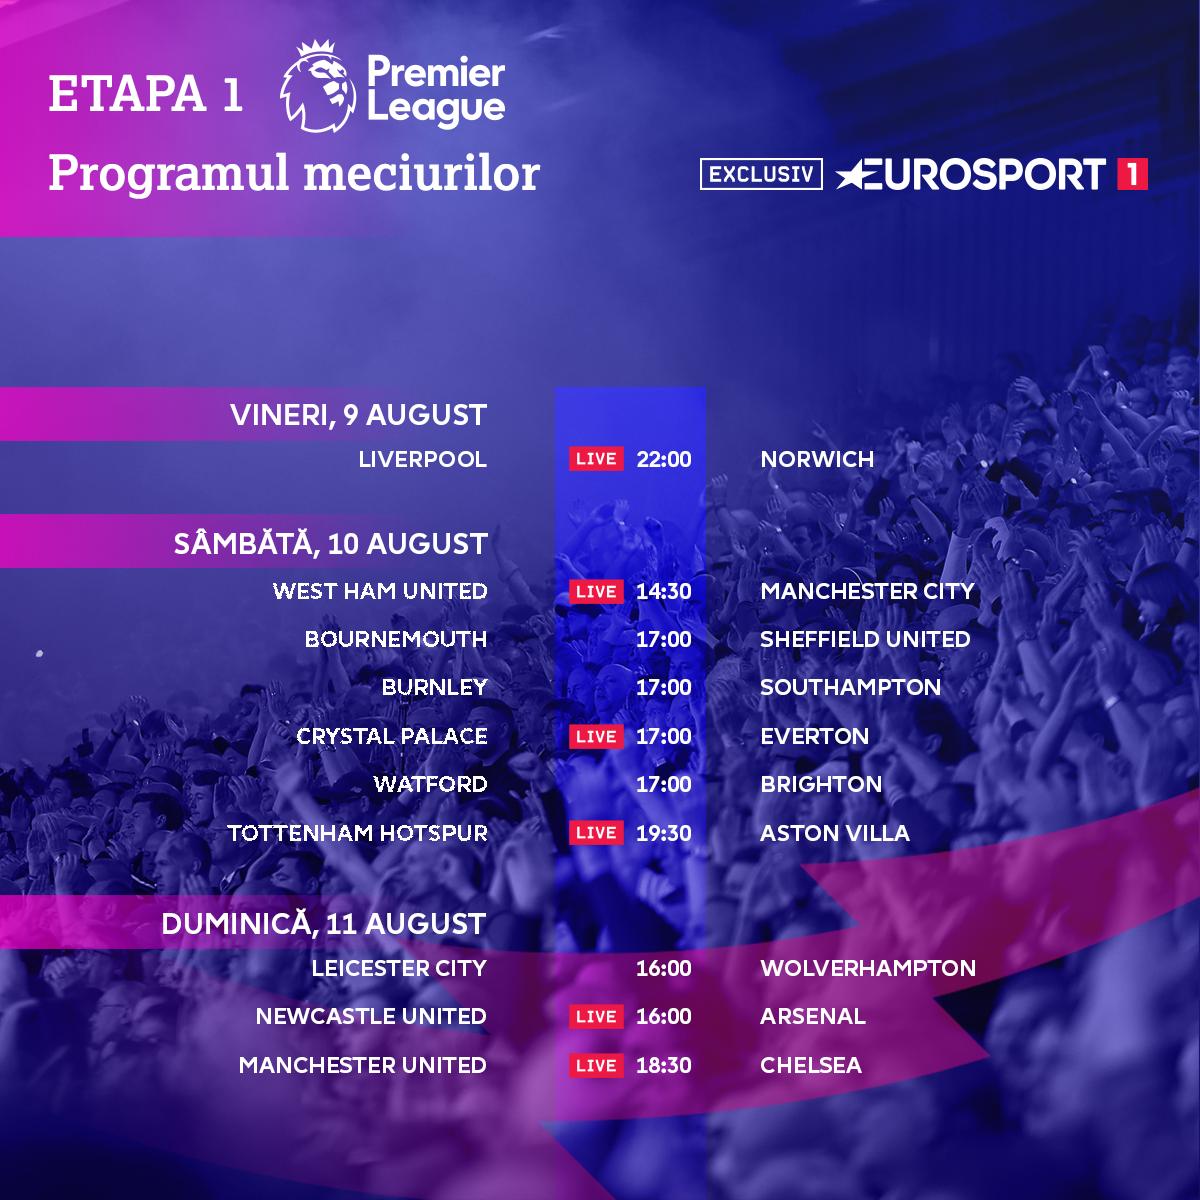 Matchday Schedule - Round 1 - Premier League